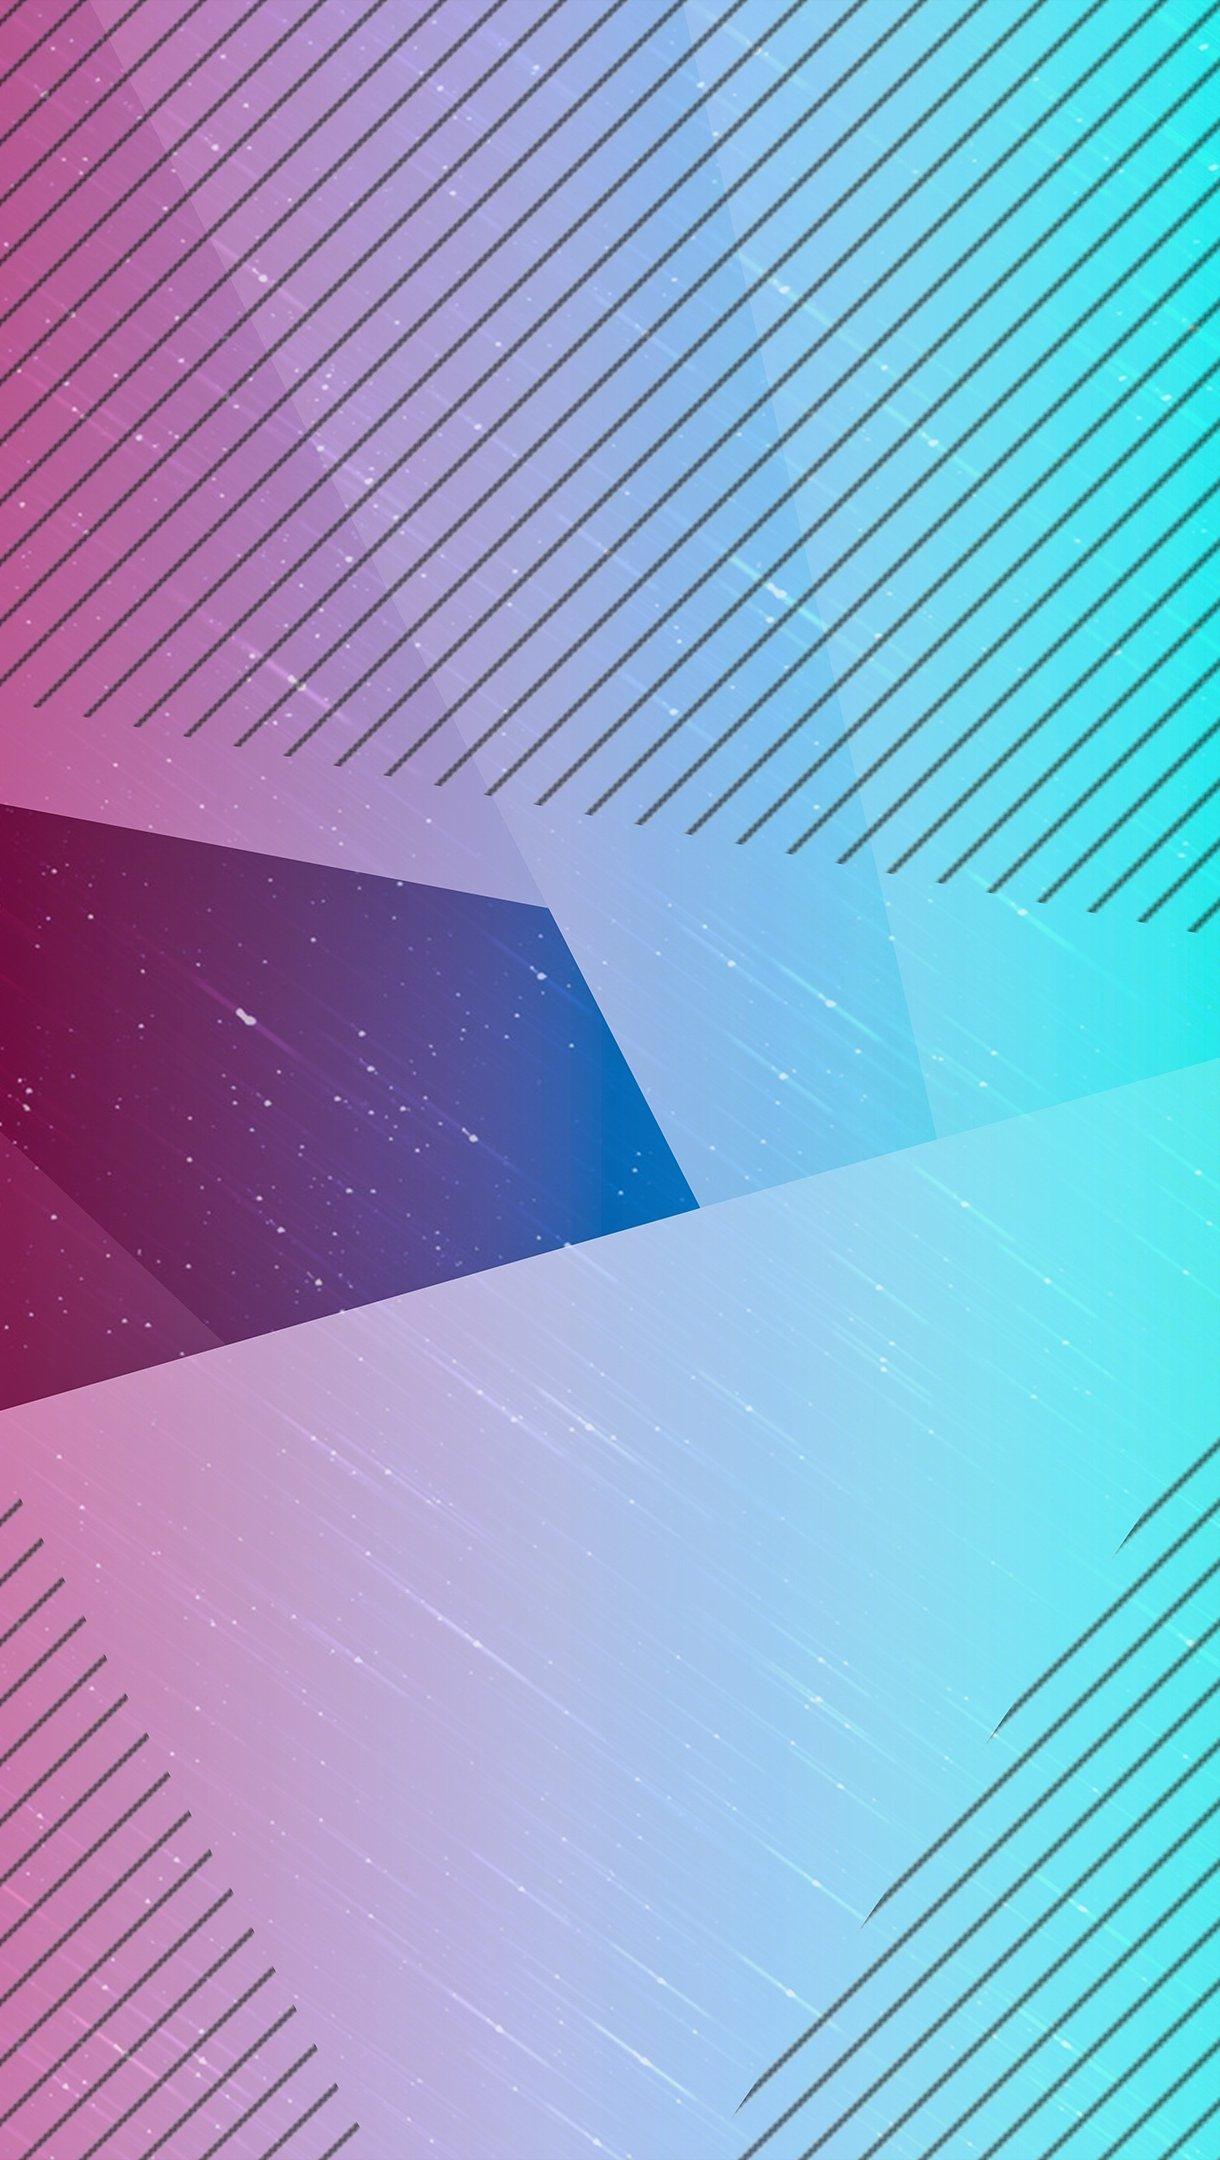 Fondos de pantalla Abstracción minimalismo Vertical